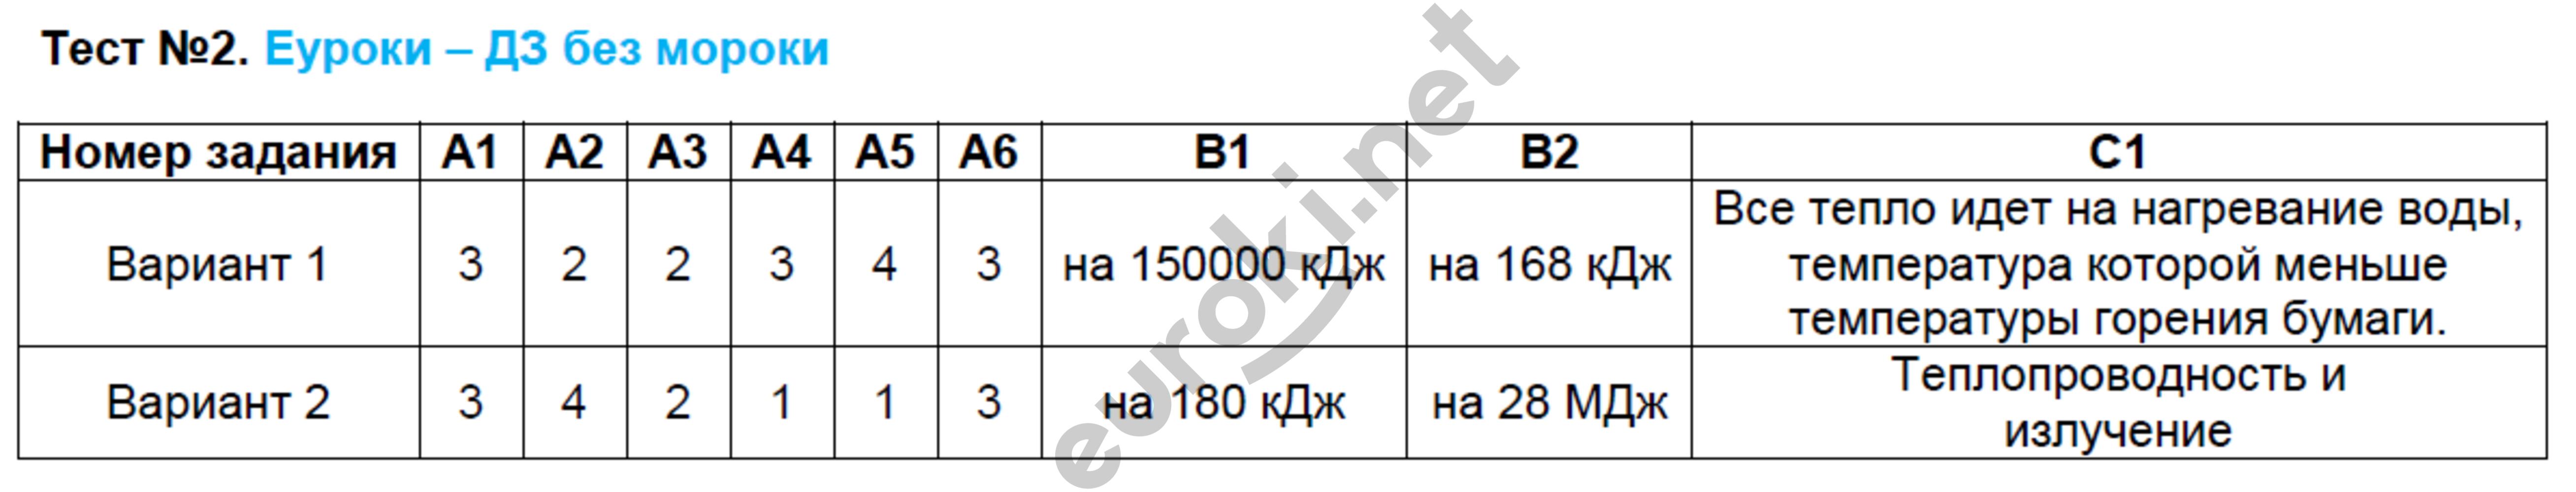 ГДЗ по физике 8 класс контрольно-измерительные материалы Зорин. Задание: Тест 2